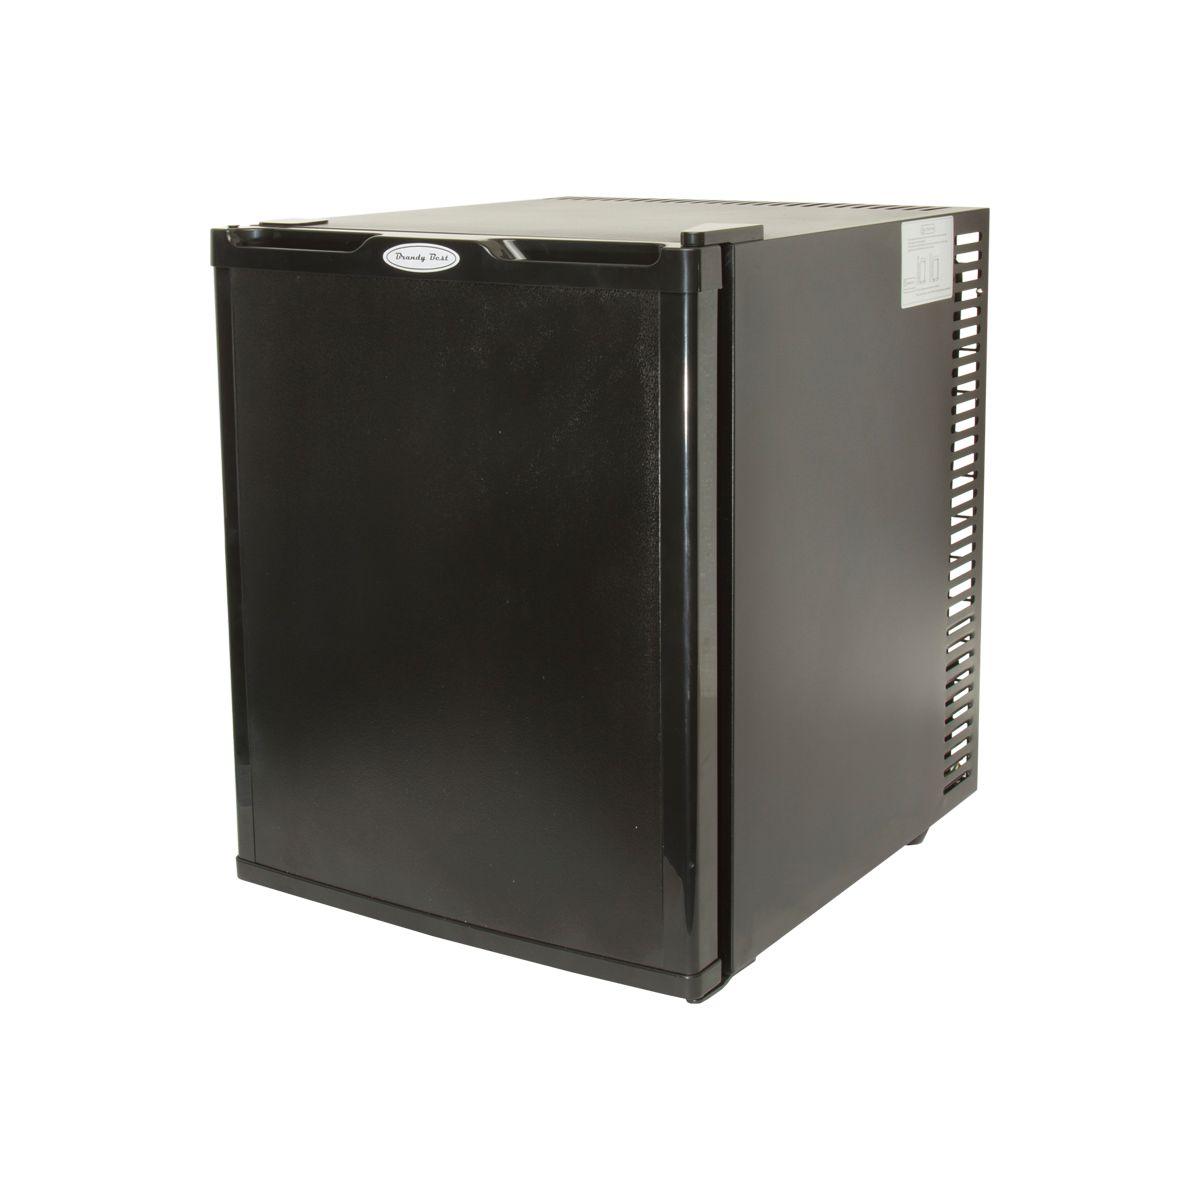 Mini réfrigérateur BRANDY BEST SILENT280B